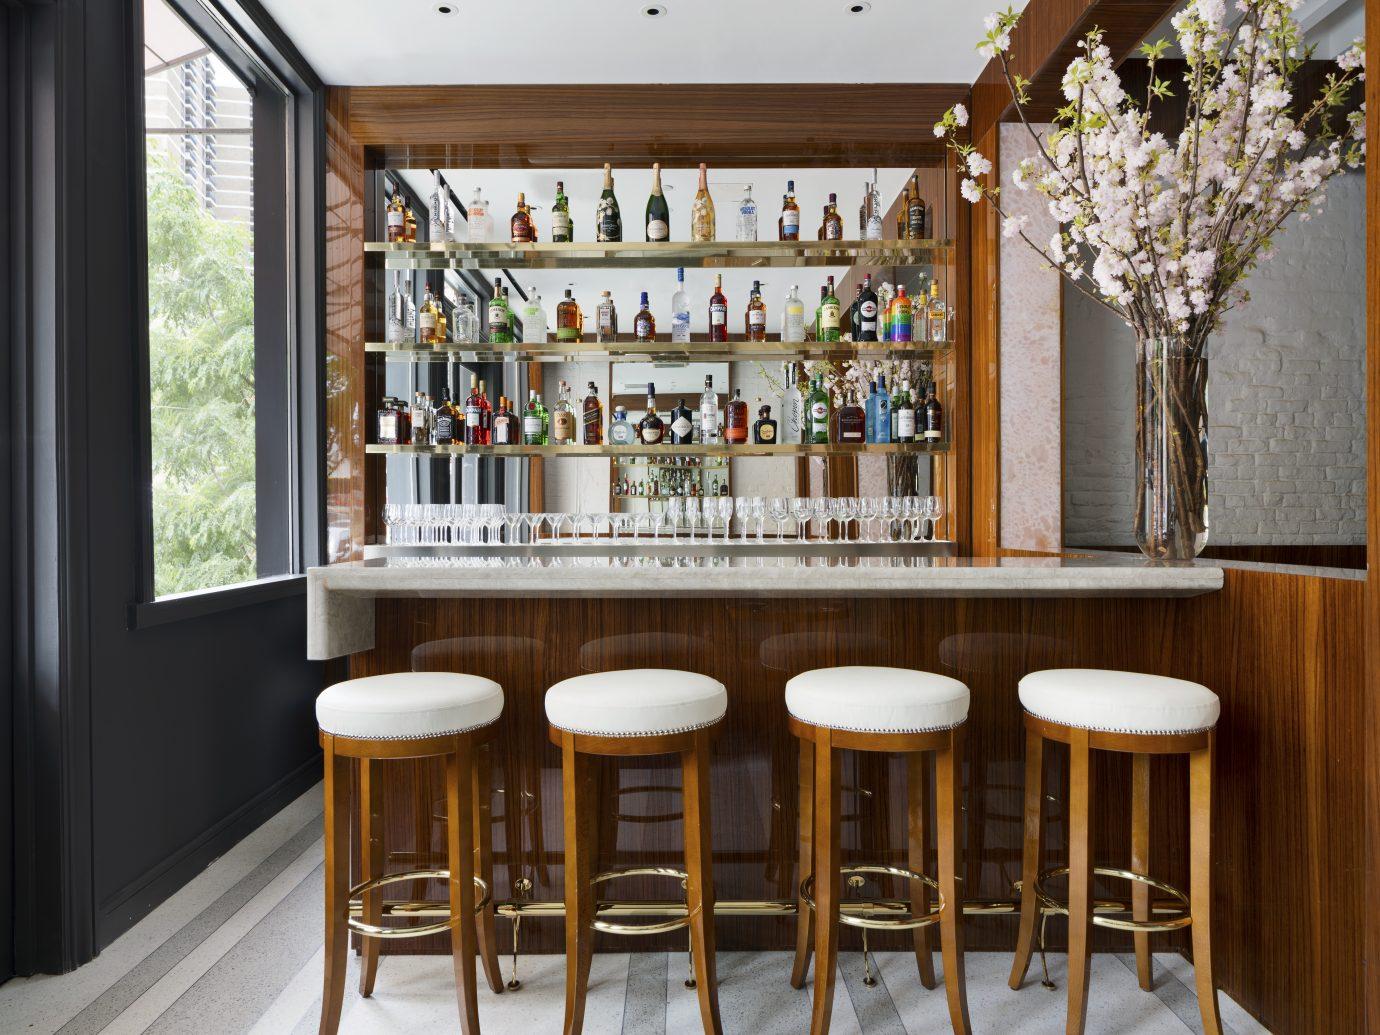 Bar at Bellini